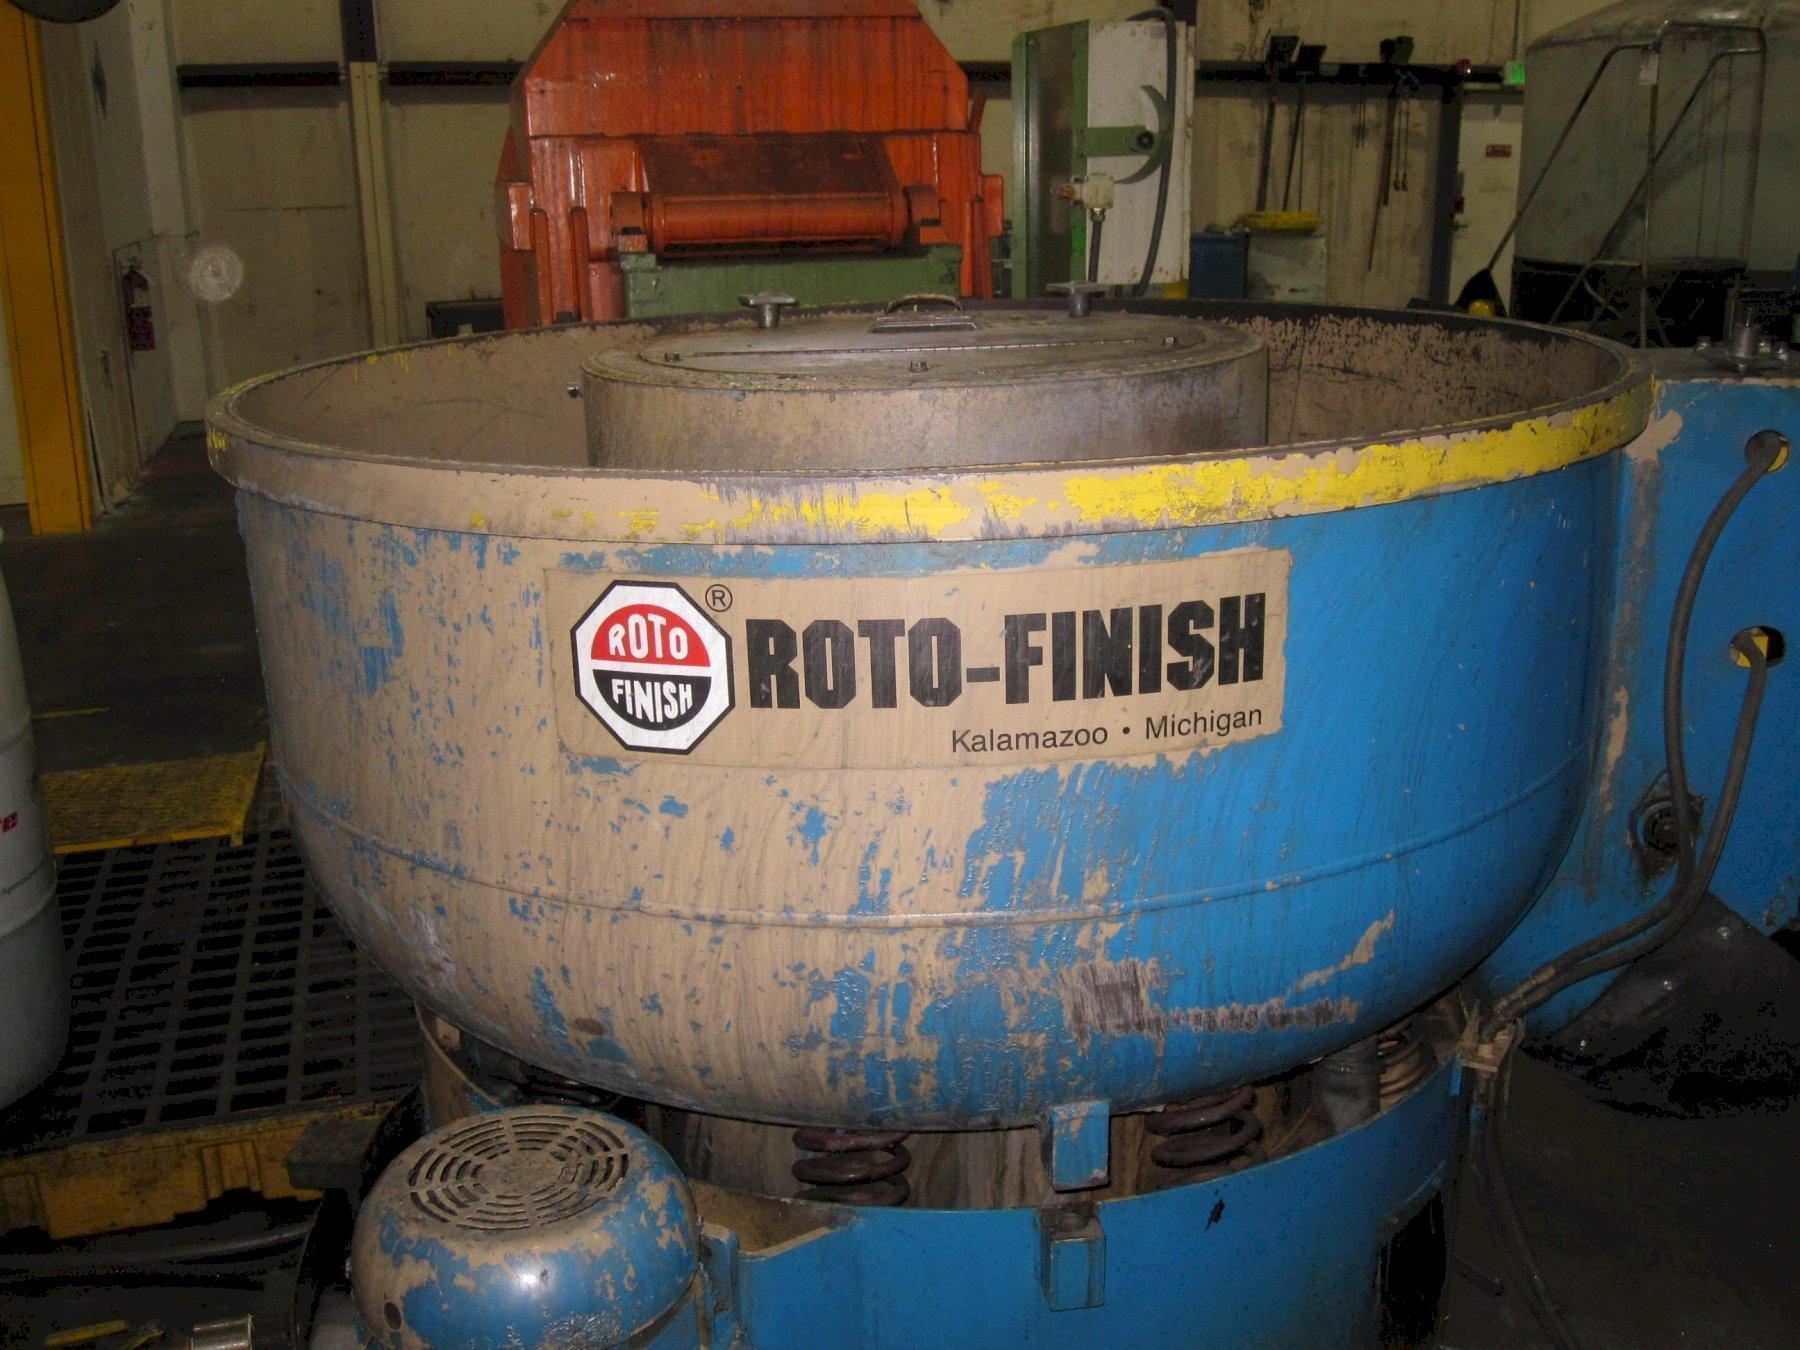 Roto Finish Spiratron Extended Rouge Vibratory Finishing Machine